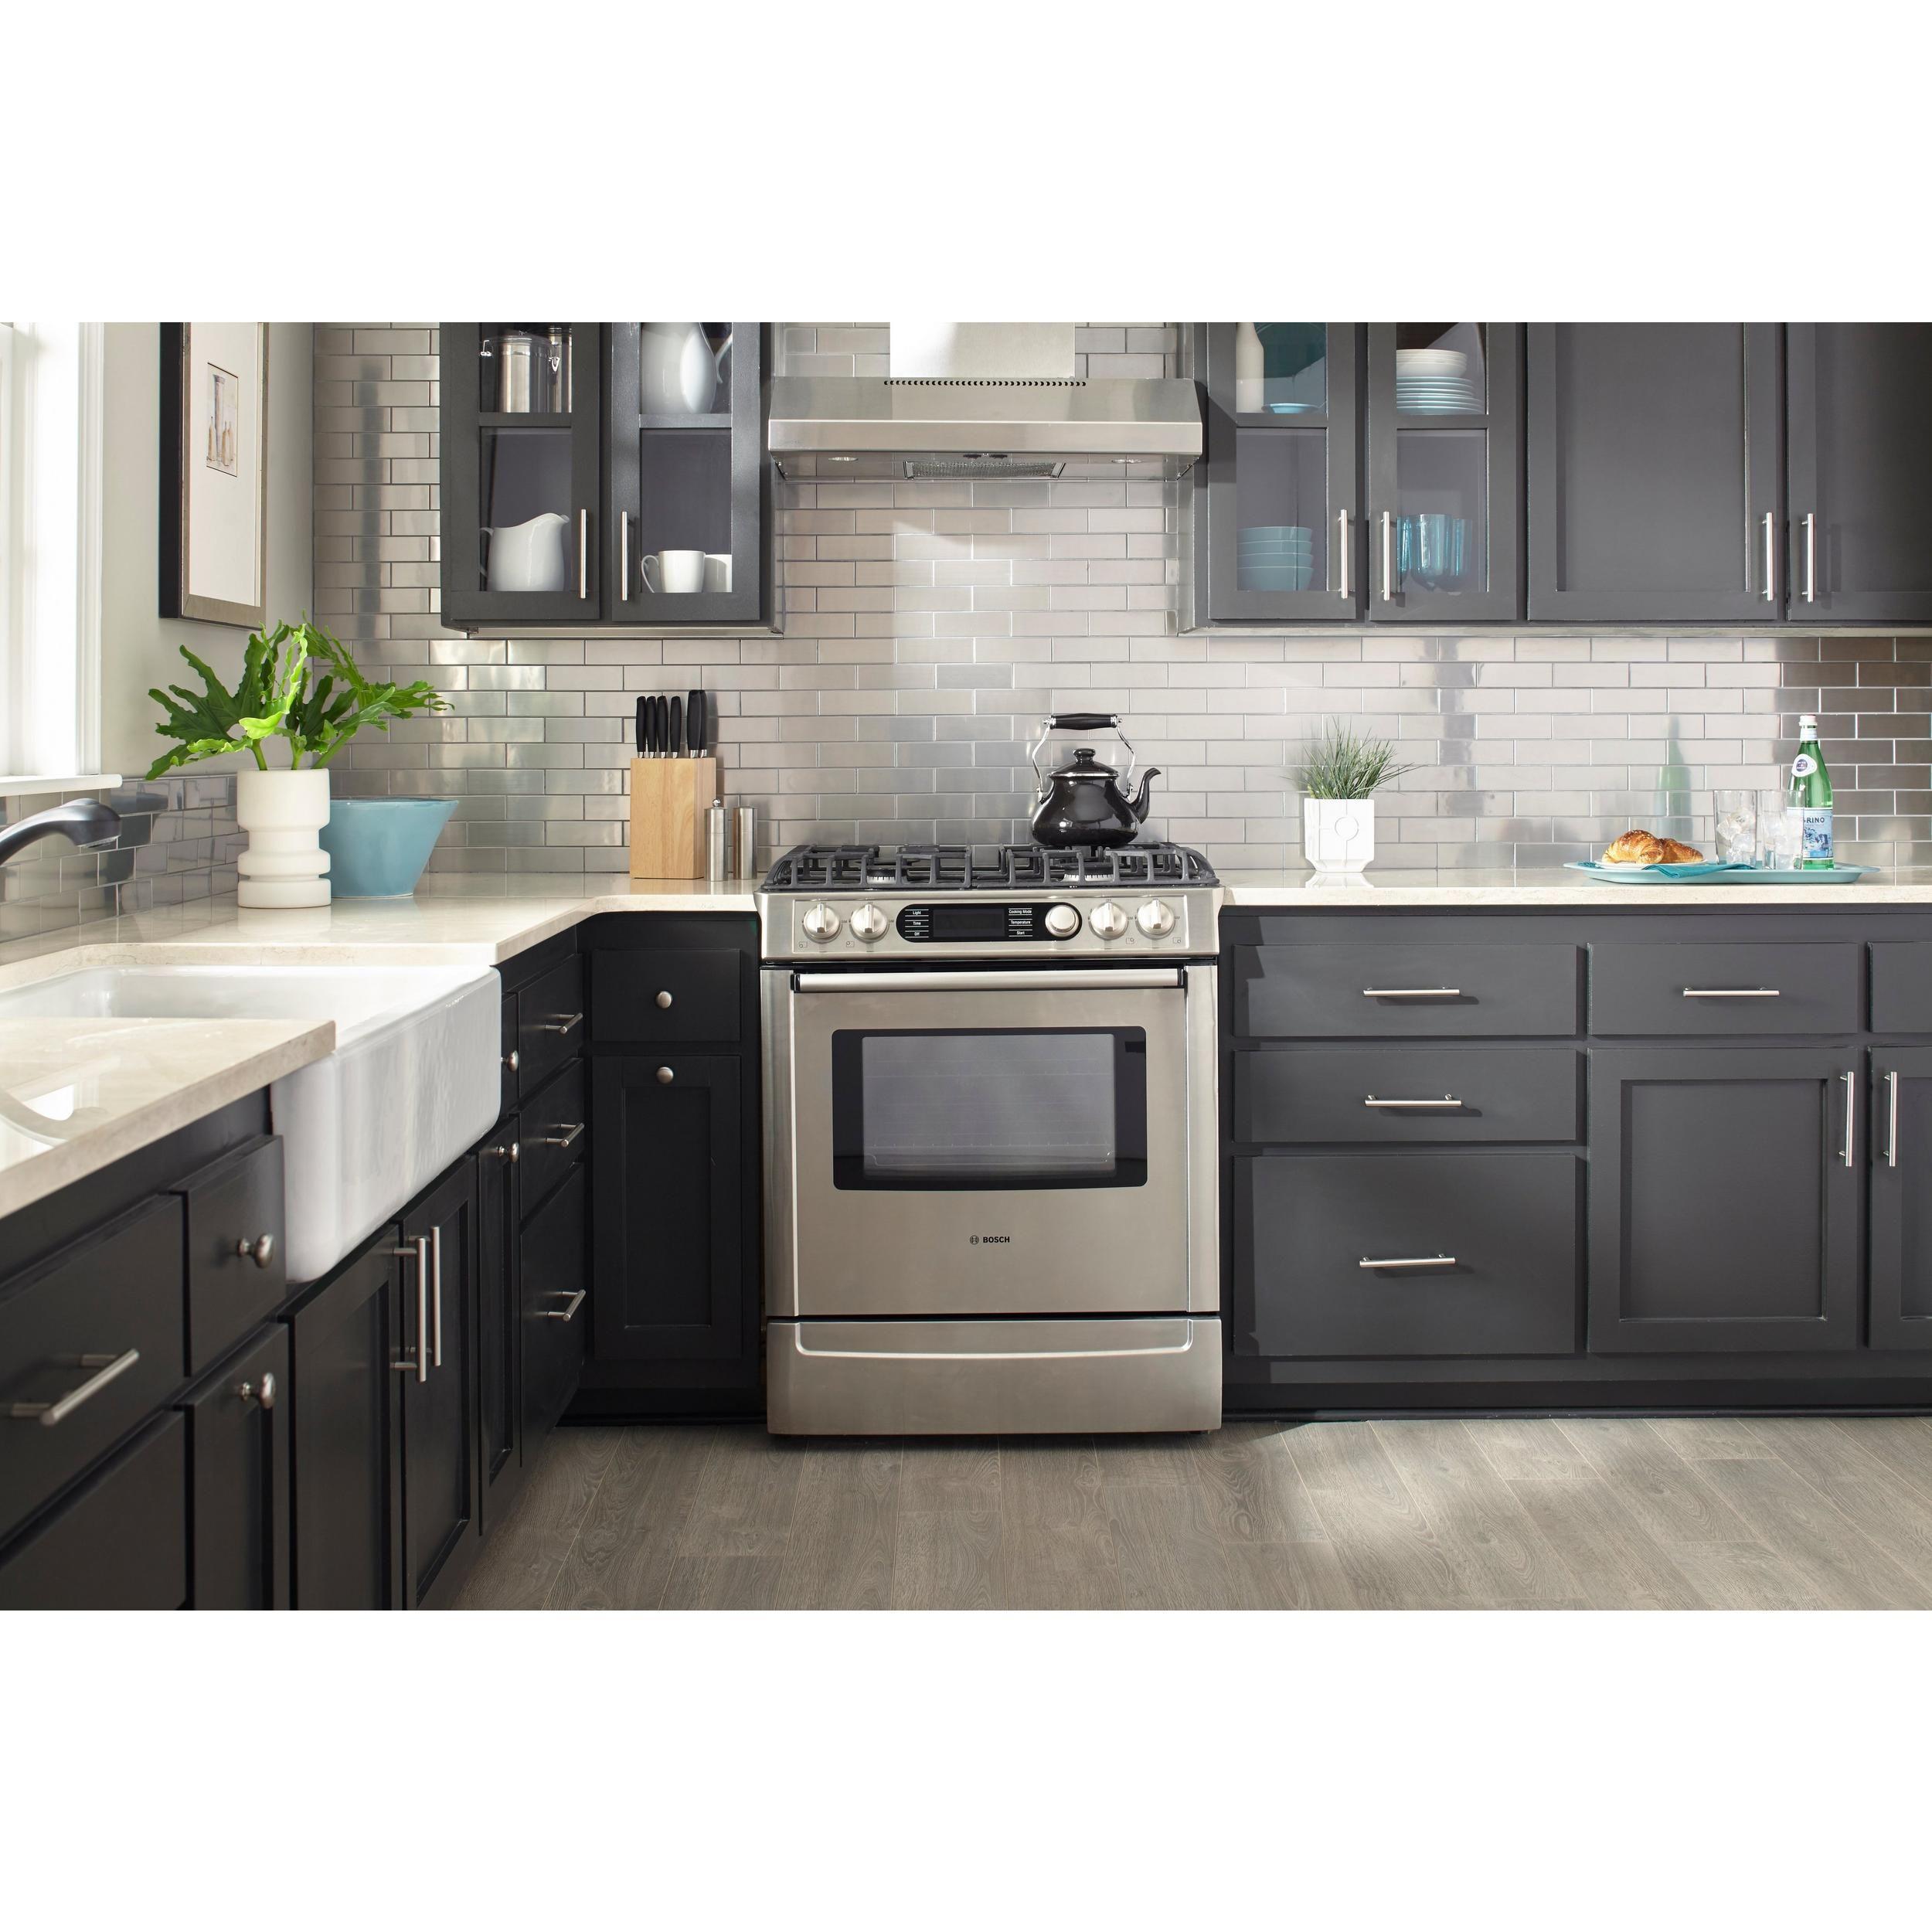 Century Oak Laminate Kitchen without backsplash, Kitchen